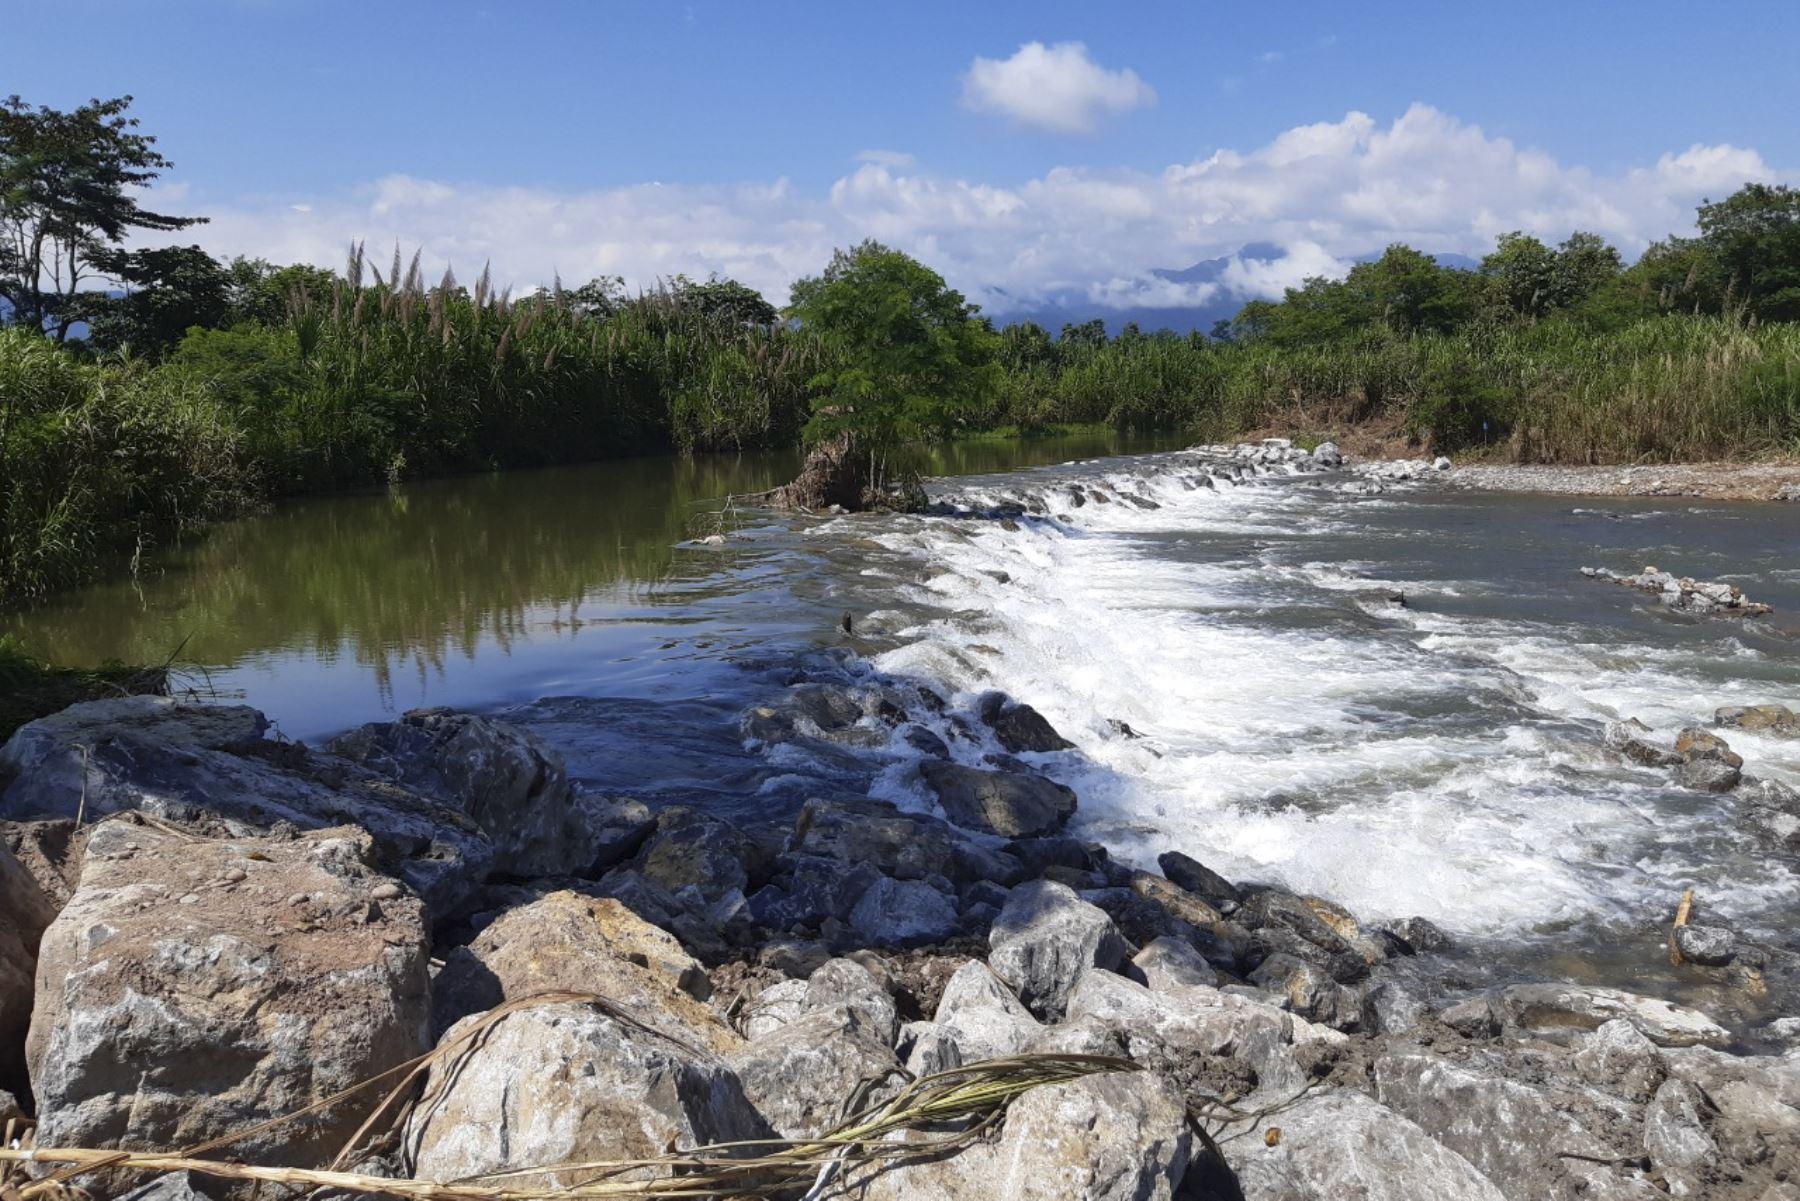 Agro Rural, unidad ejecutora del Ministerio de Agricultura y Riego finalizó la ejecución de acciones en 8 obras de infraestructura de riego correspondientes a las provincias de Rioja y Moyobamba, valorizadas en S/ 1 693 119 61. Foto: Agrorural